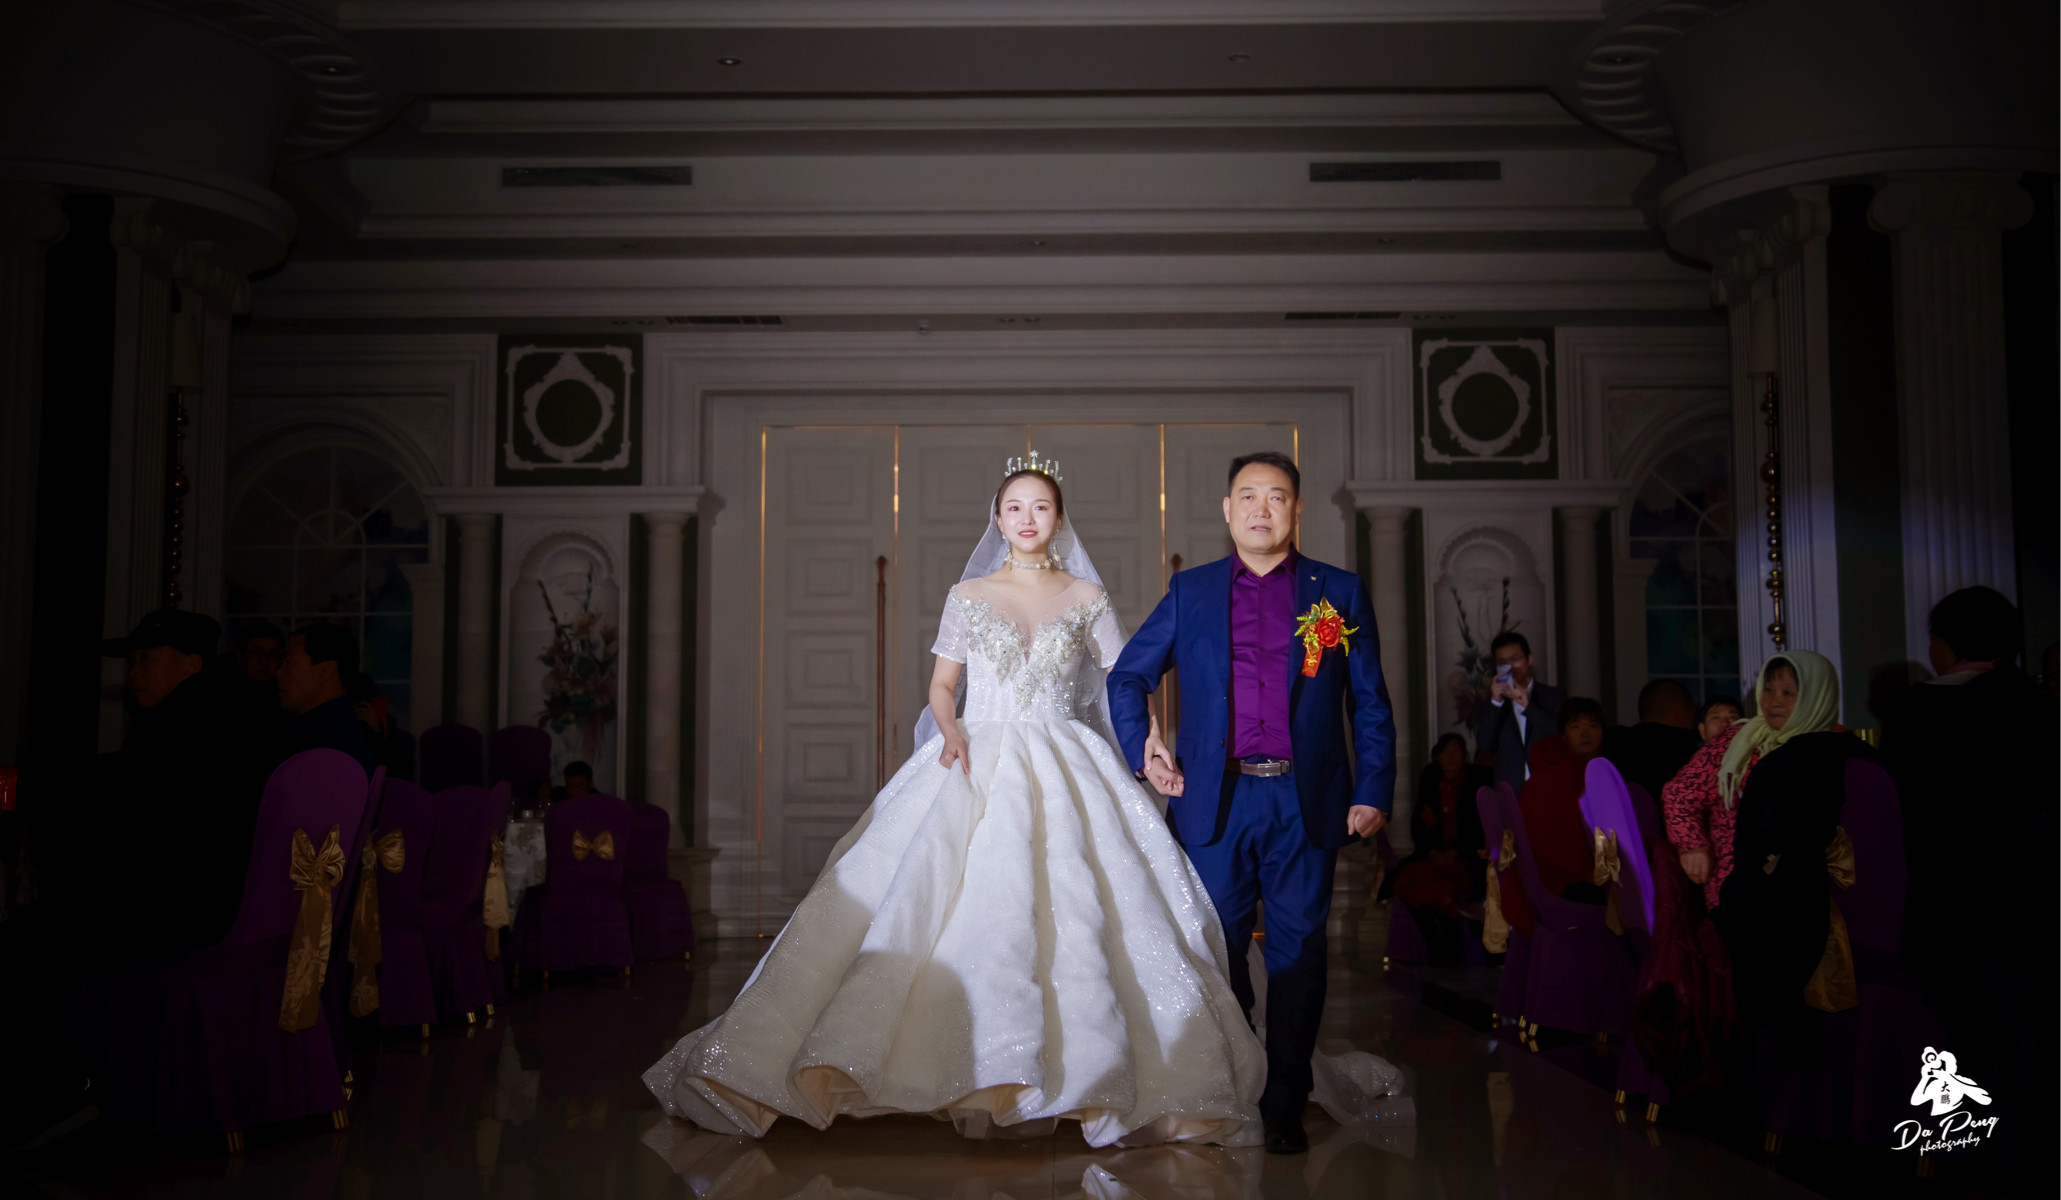 一位名叫思思的南方姑娘, 在这个满天飞雪的日子里嫁给了爱情! 室外冰天雪地、室内暖暖情意…